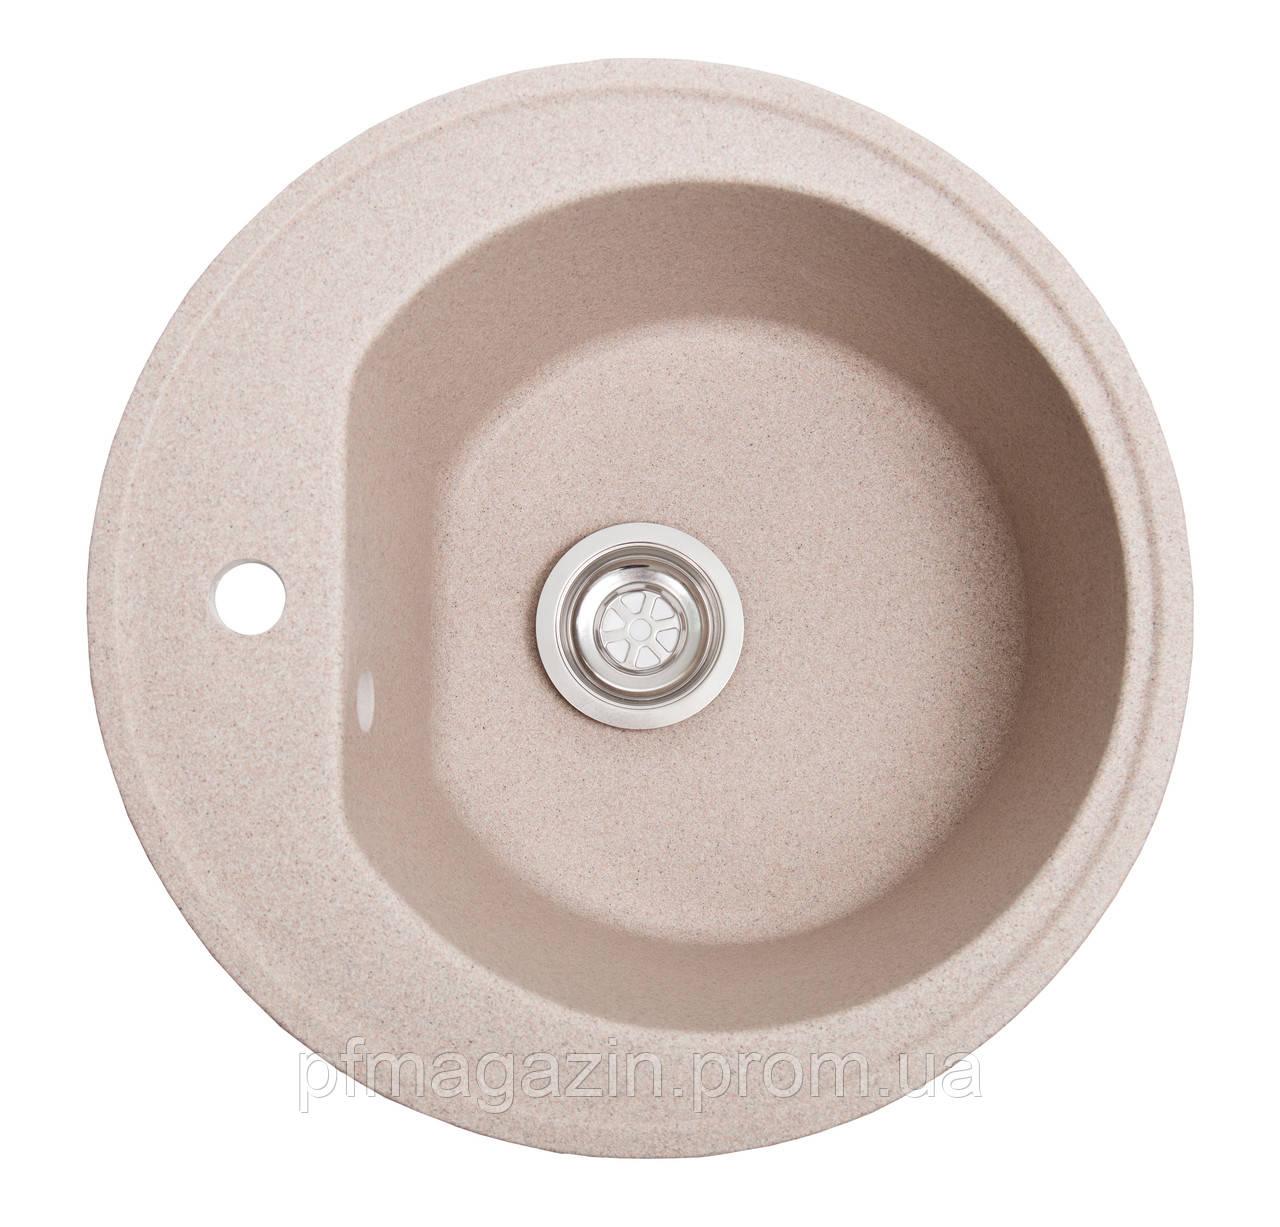 Мойка кухонная Solid Классик, розовый (ДхГ- 510х200)